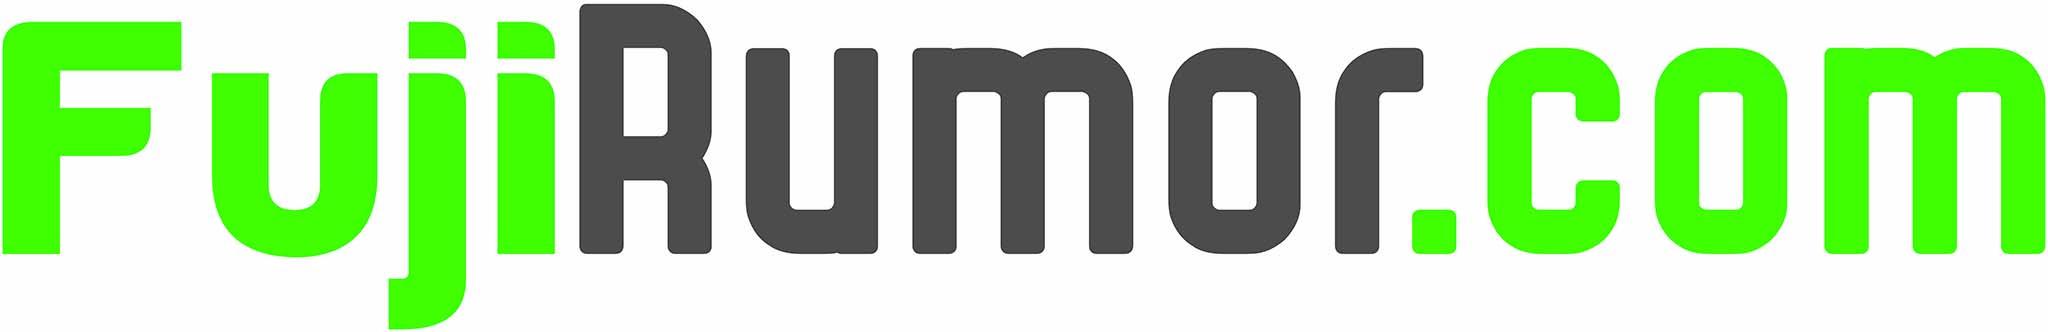 Breaking: FujiAddict is Now FujiRumor - Fuji Addict